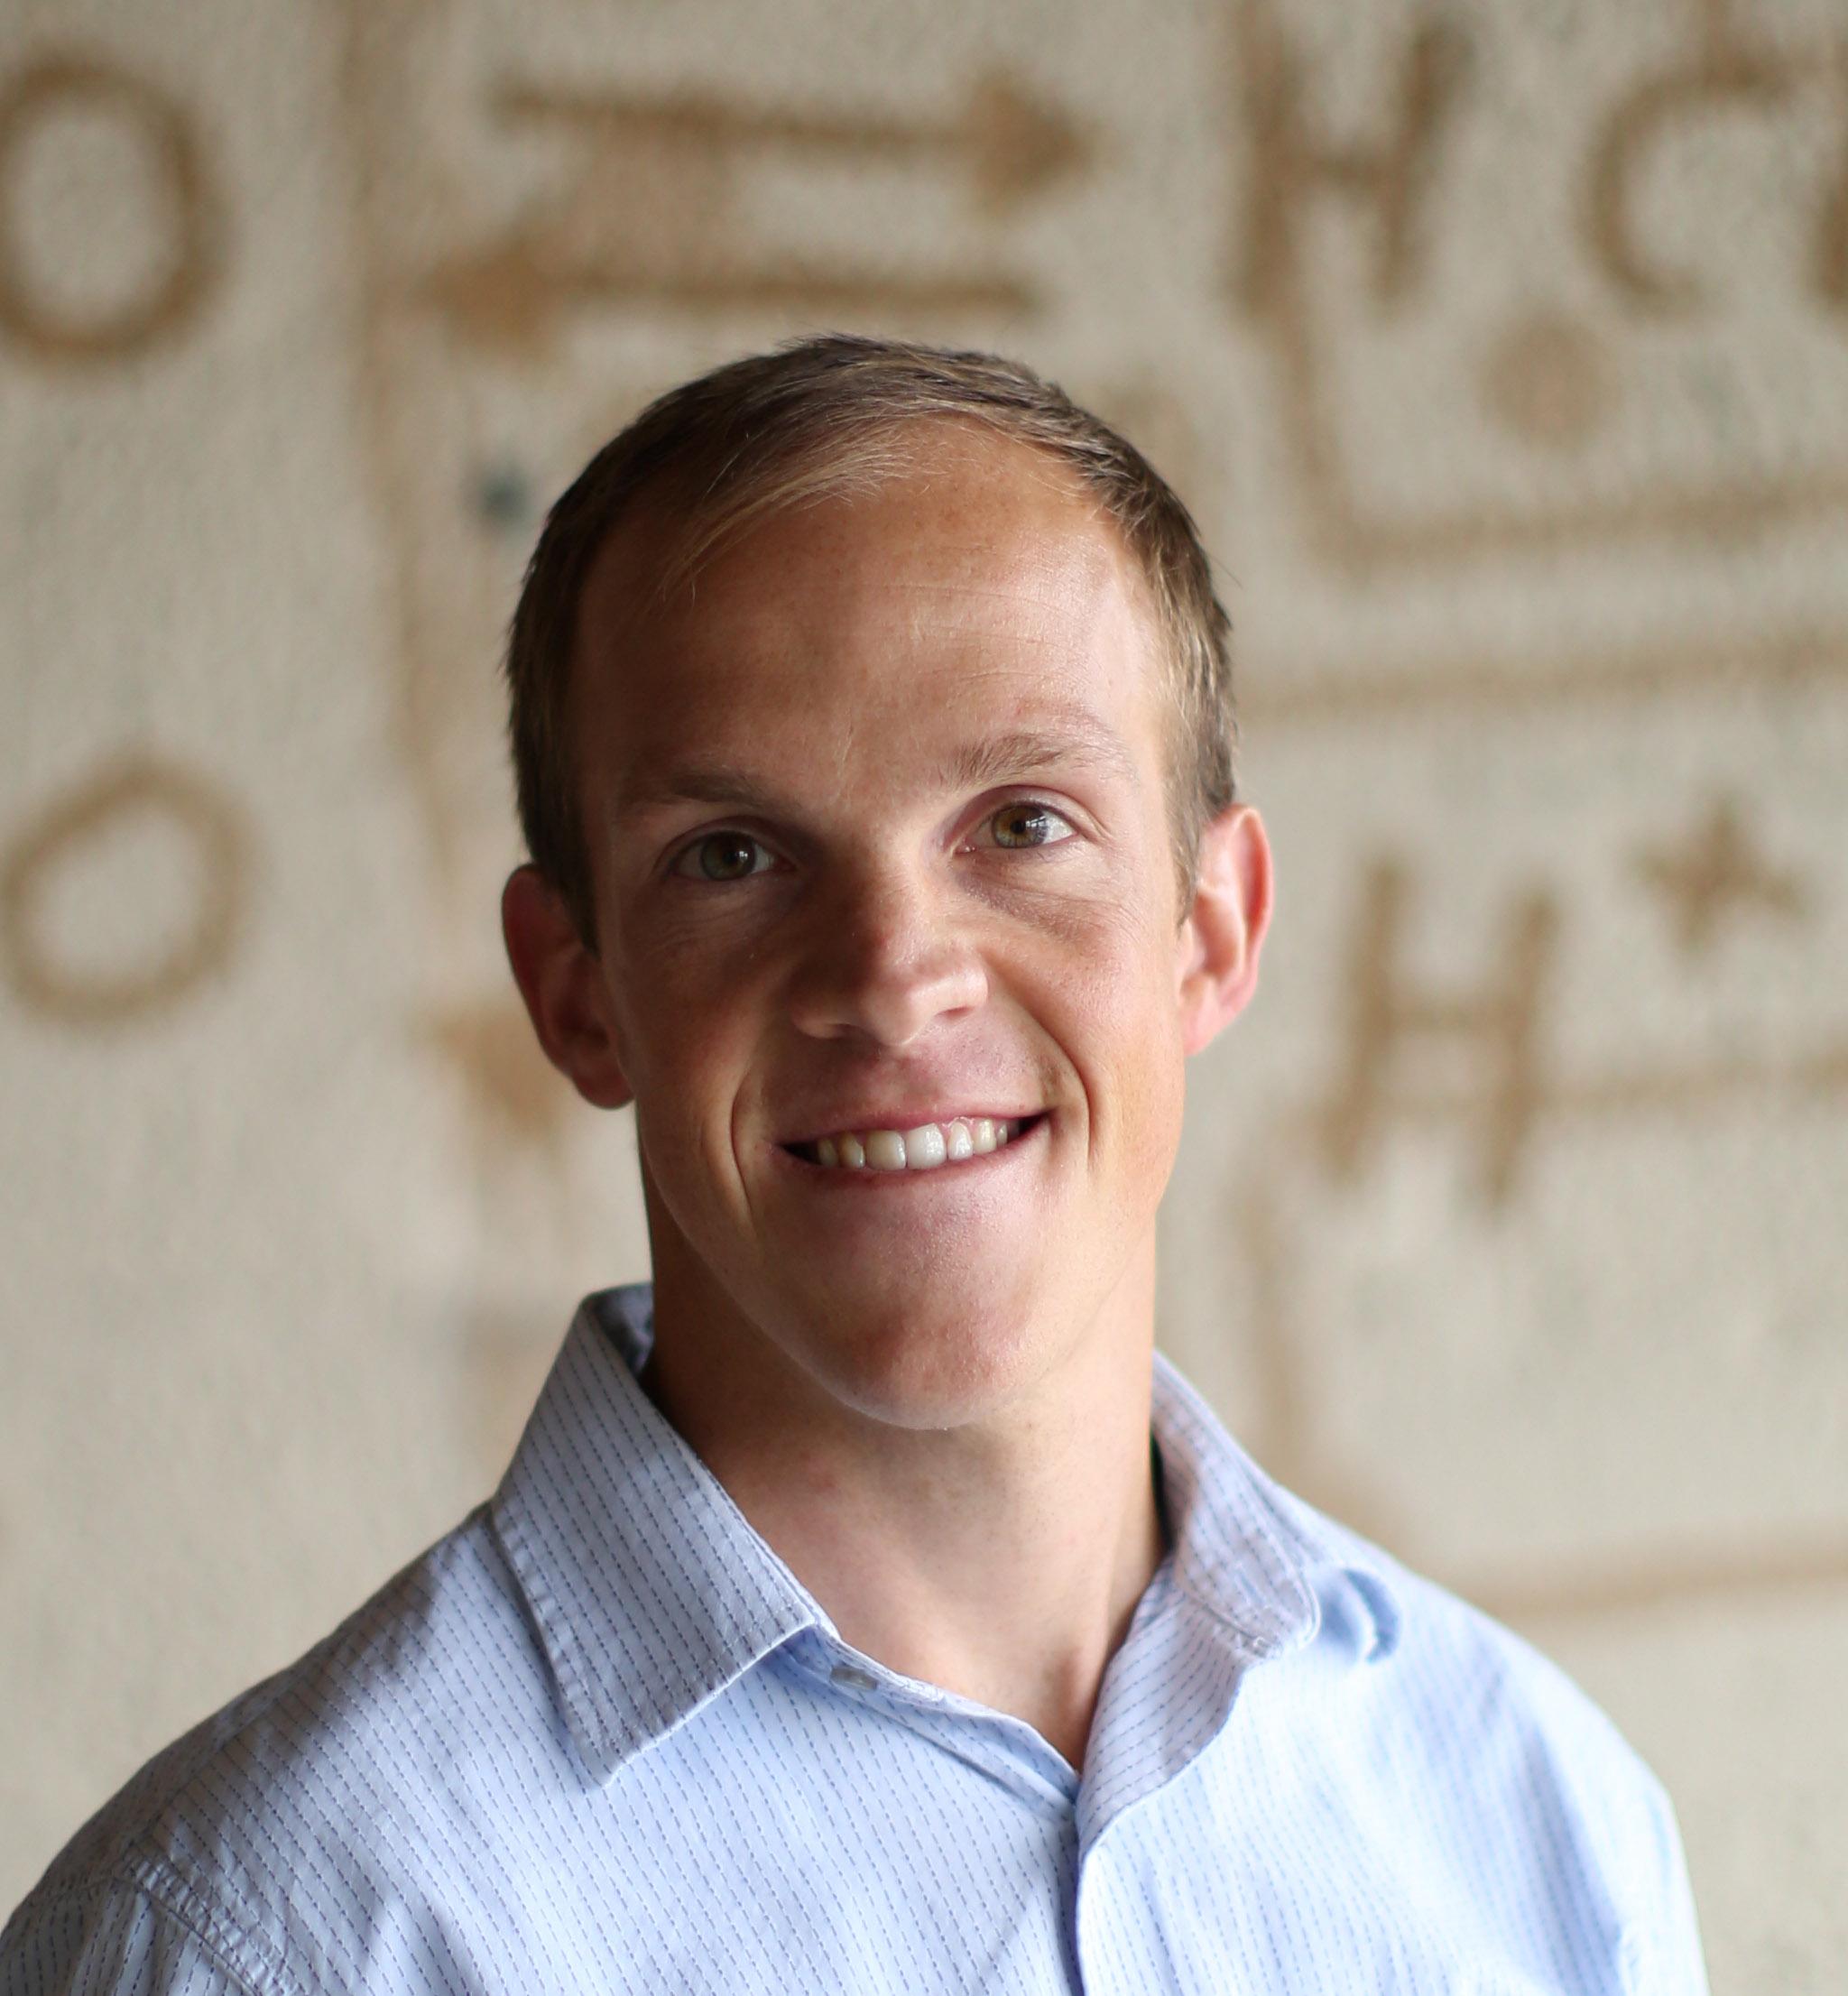 David Gerlach